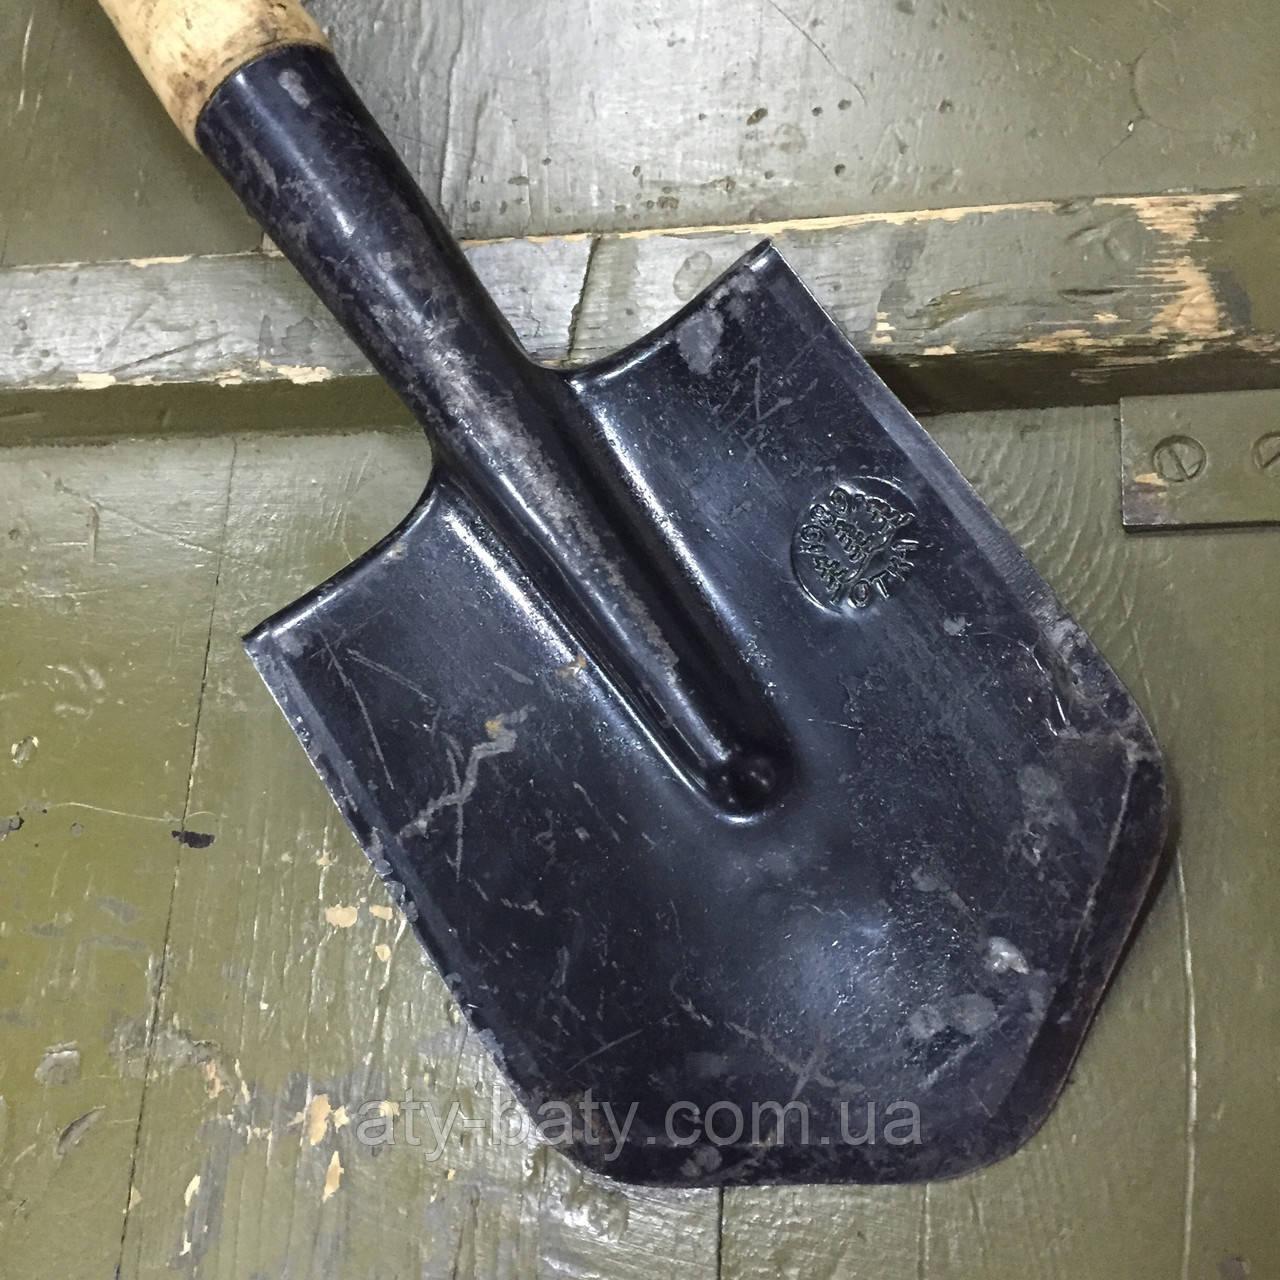 Лопата саперная МСЛ с чехлом, СССР